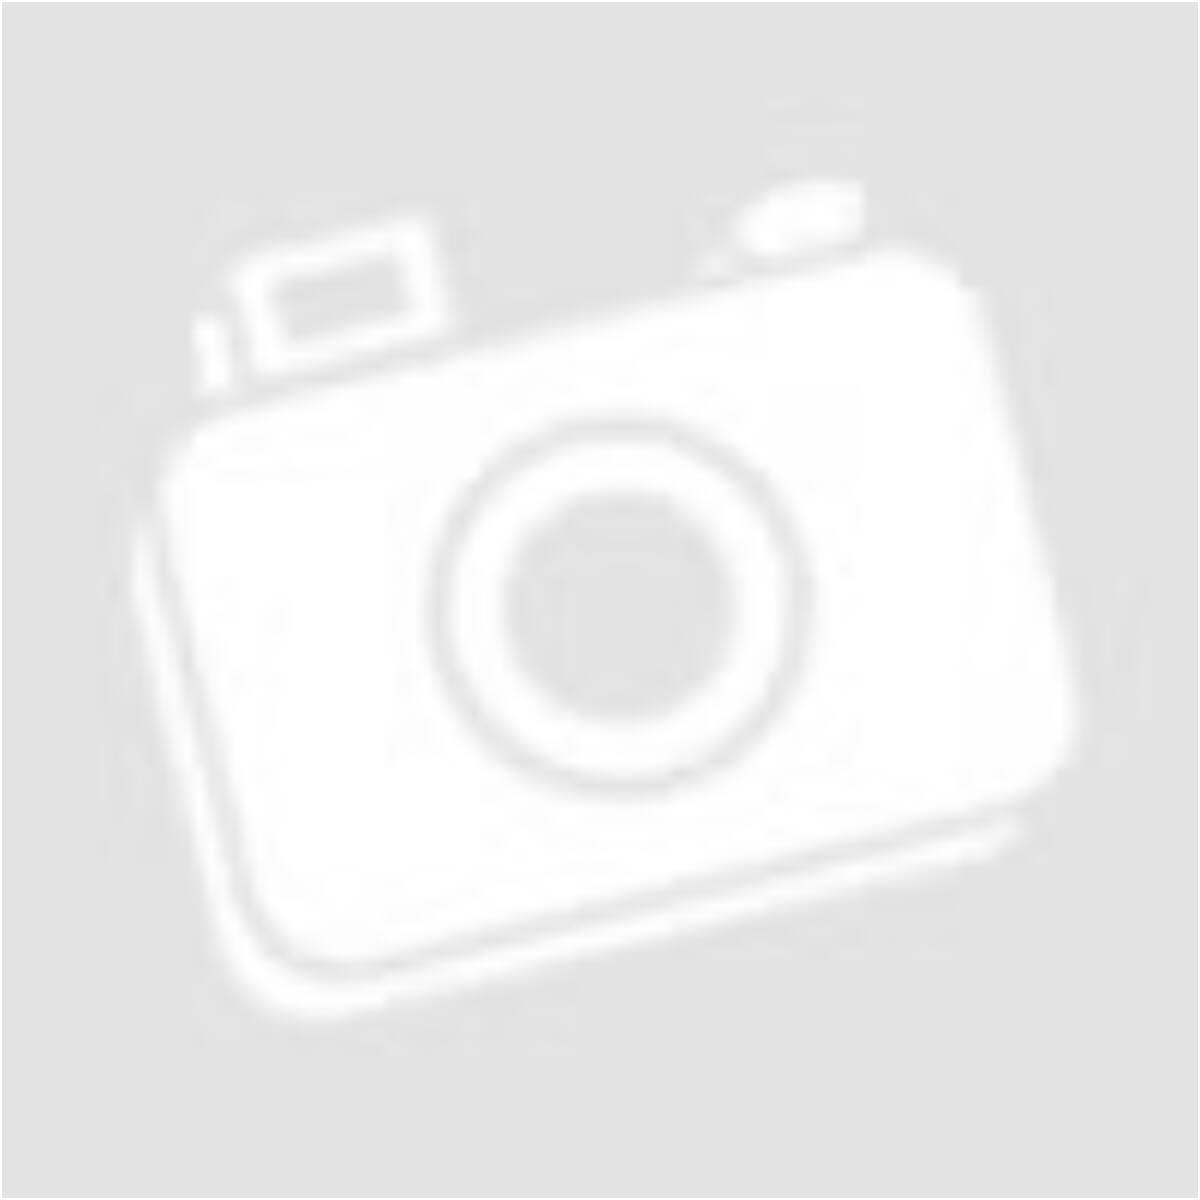 096cc96066 Armani Jeans kabát Olasz 40-es - Női télikabátok